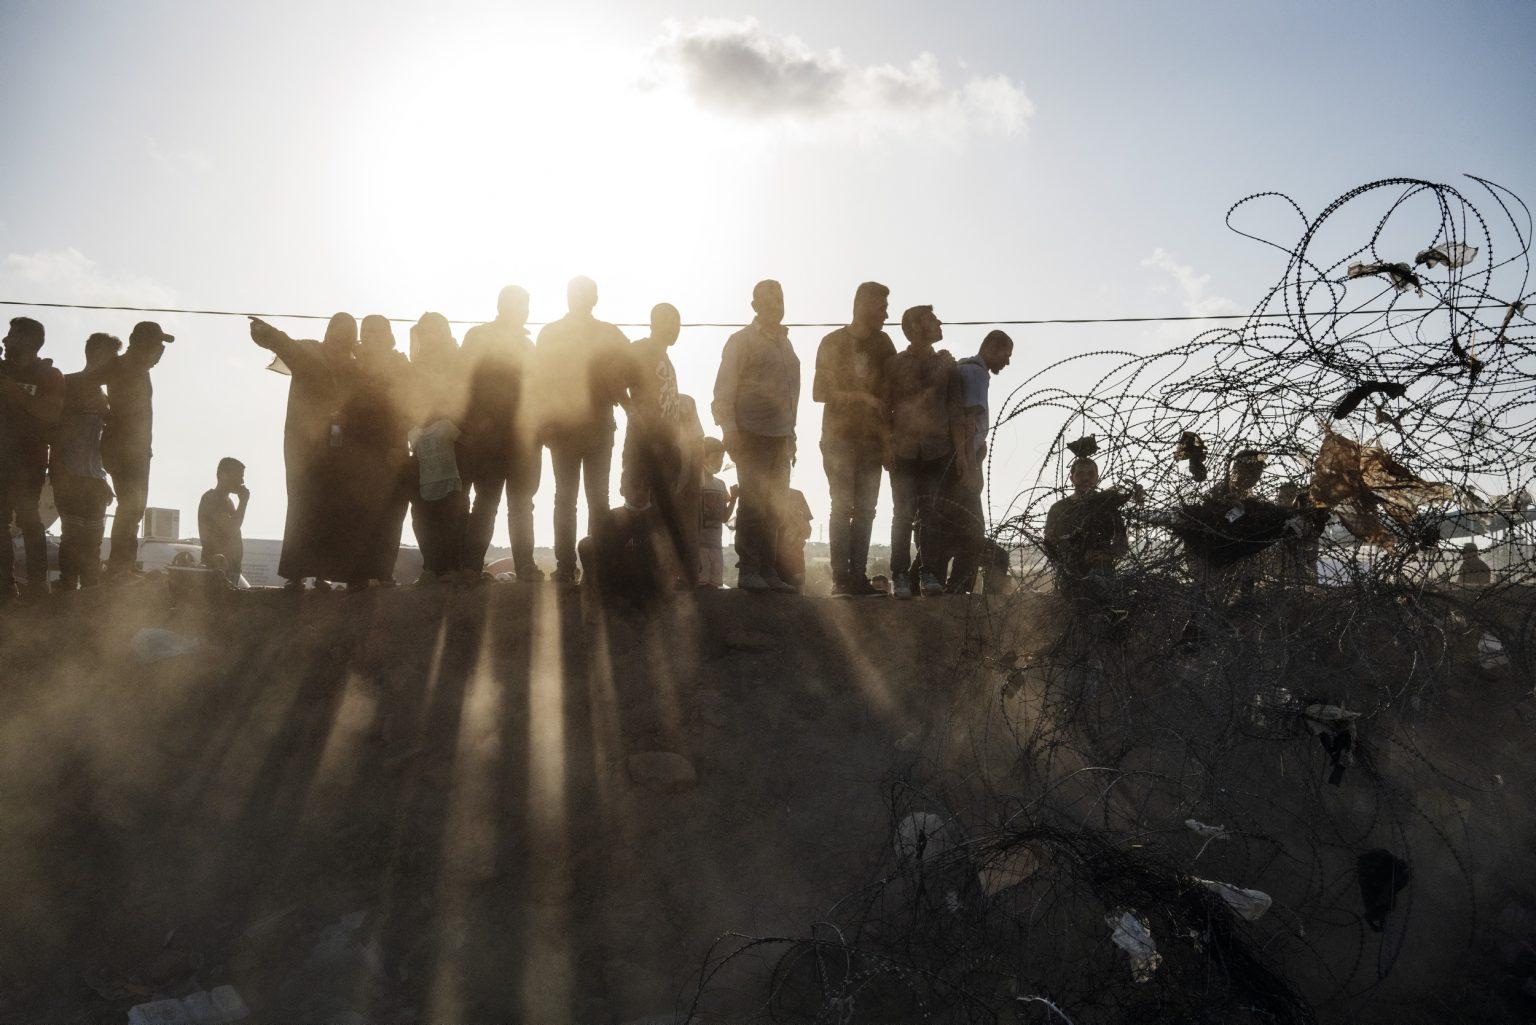 Gaza Strip, May 2018 - People whatching the protest from a little hill along the Gaza-Israel border. >< Striscia di Gaza, maggio 2018 - Civili osservano le proteste da sopra una collinnetta lungo il confine tra Gaza e Israele.